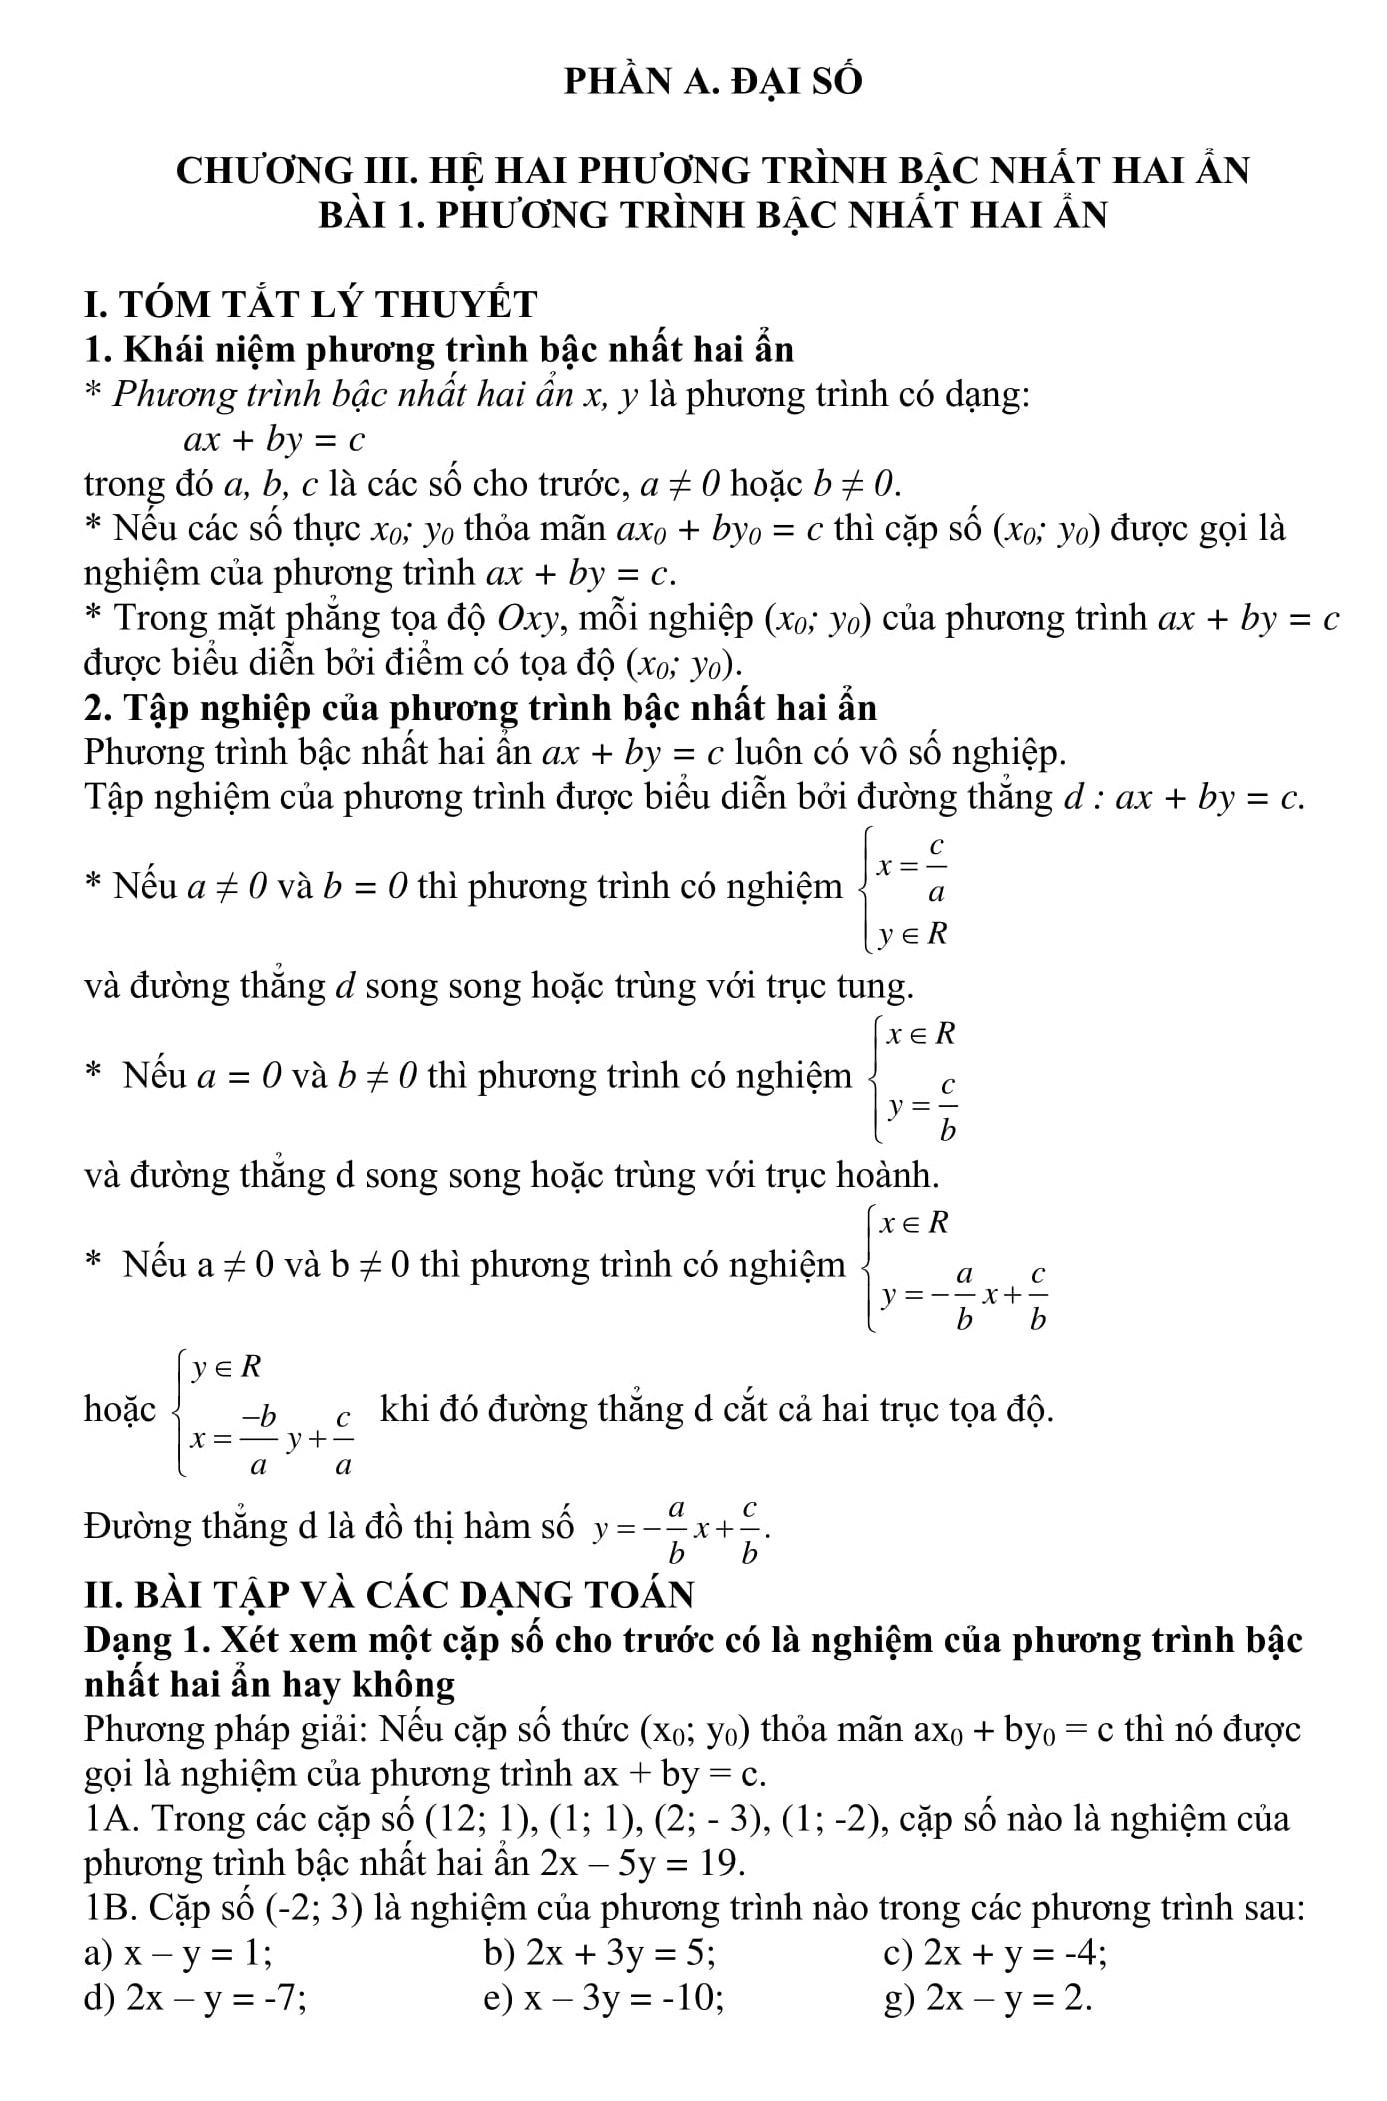 Đề cương củng cố kiến thức HK2 toán 9 (bài tập + lời giải)